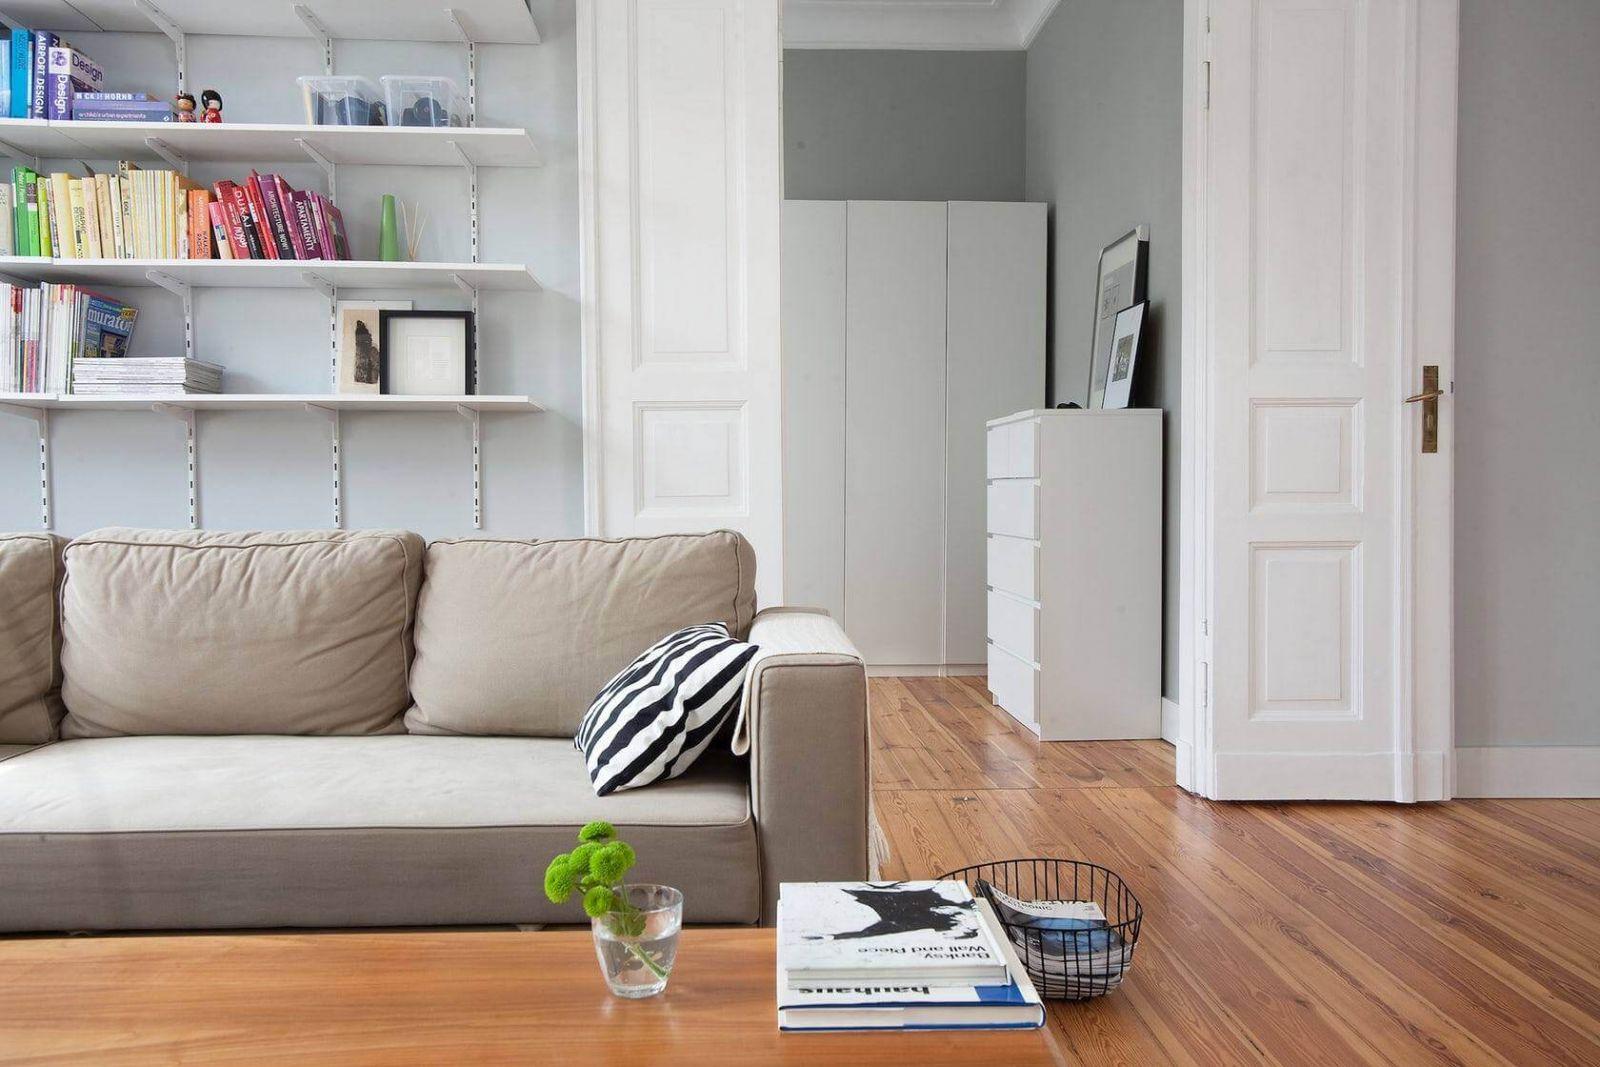 Двустворчатые двери - лучший вариант для широких дверных проемов.